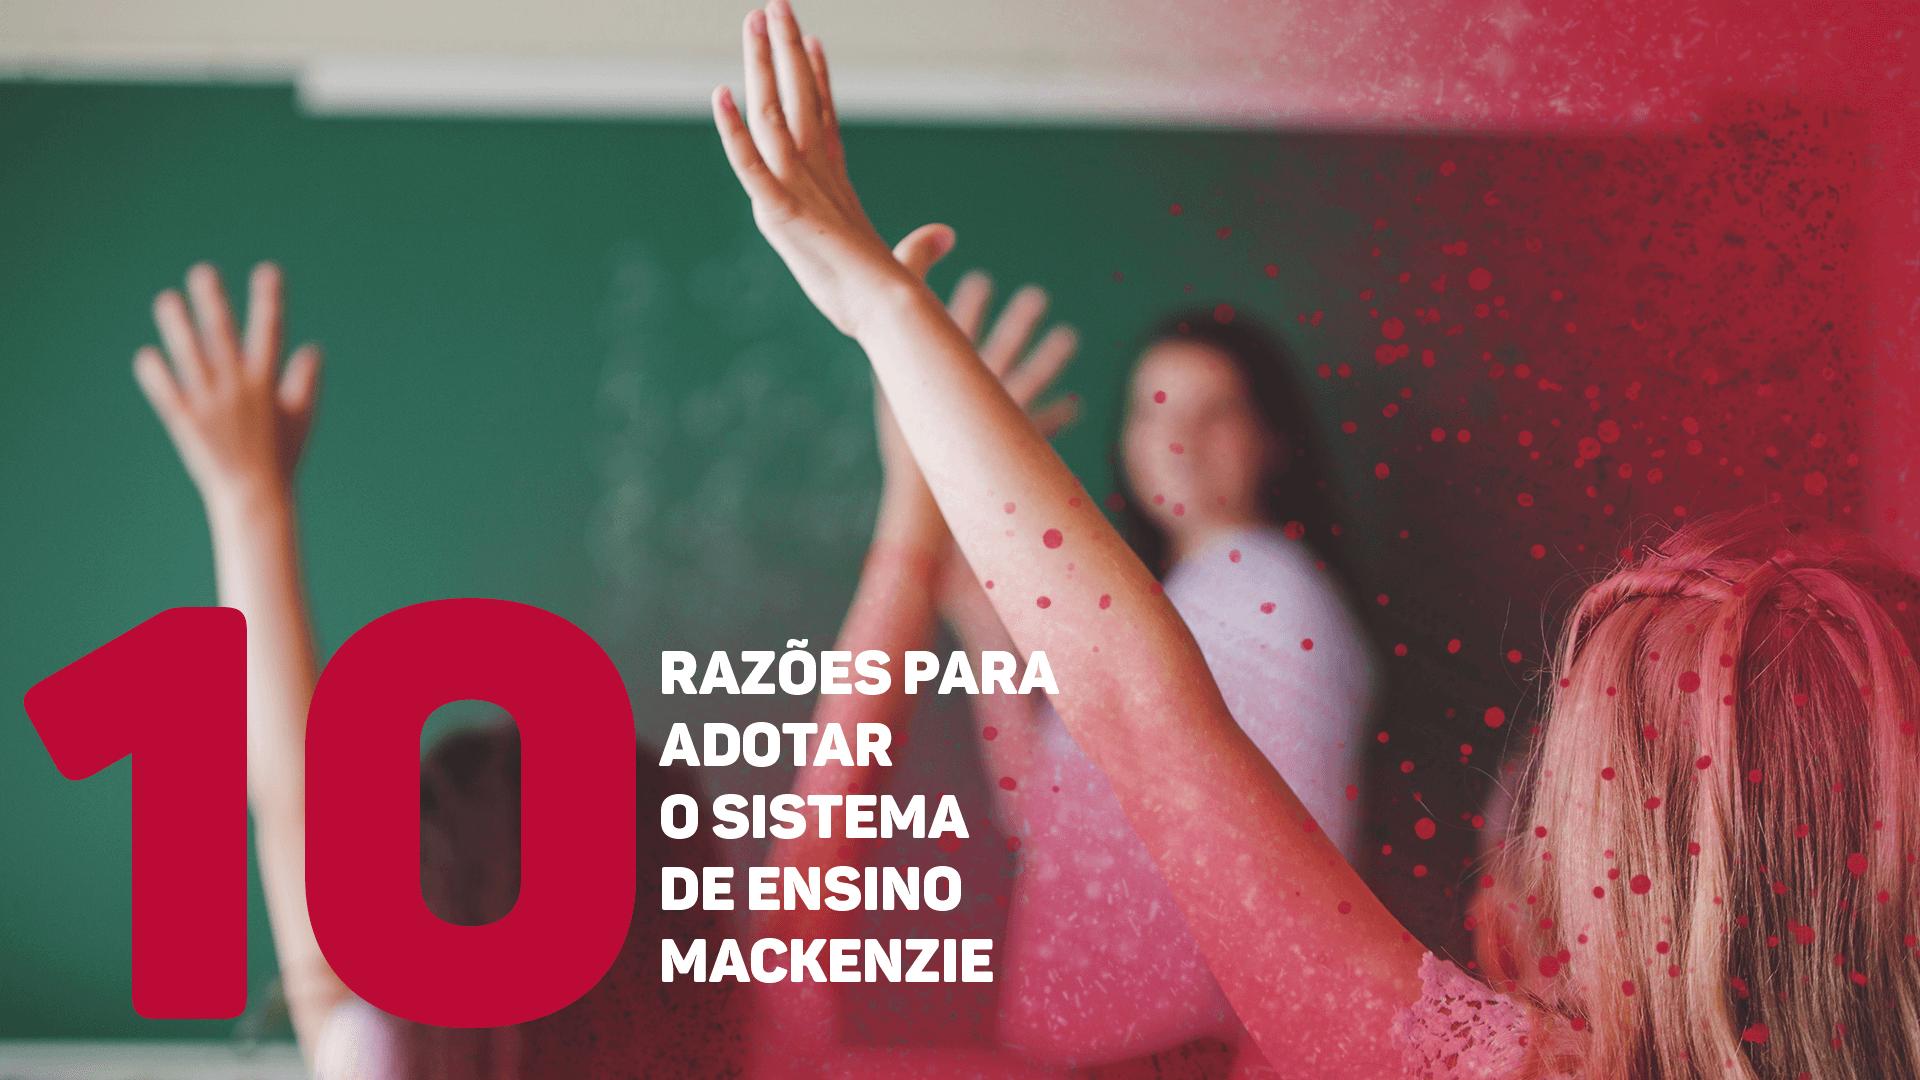 10 Razões para adotar o Sistema Mackenzie de Ensino